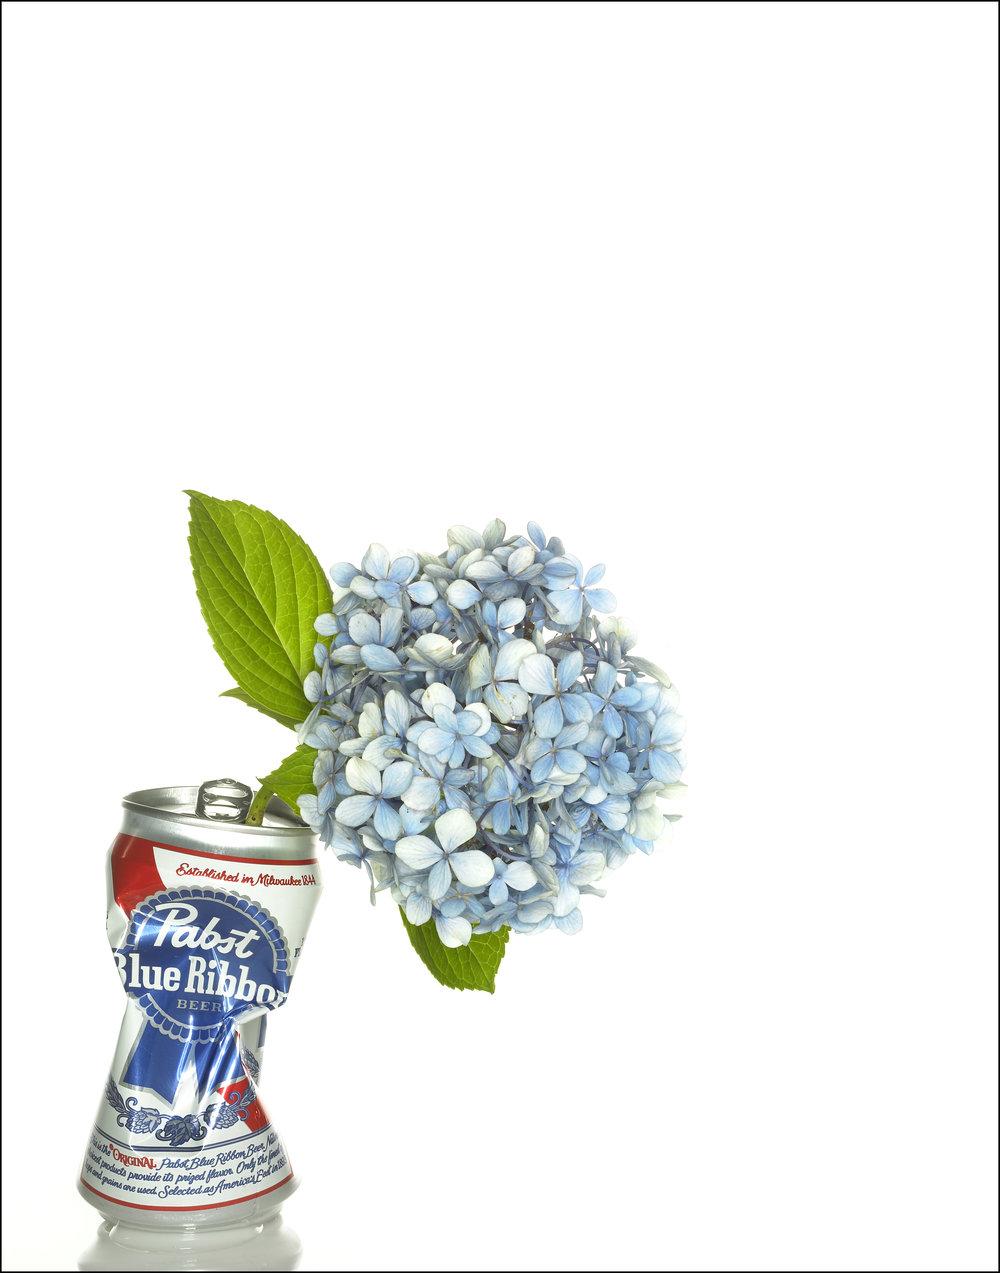 pabst blue flower border.jpg